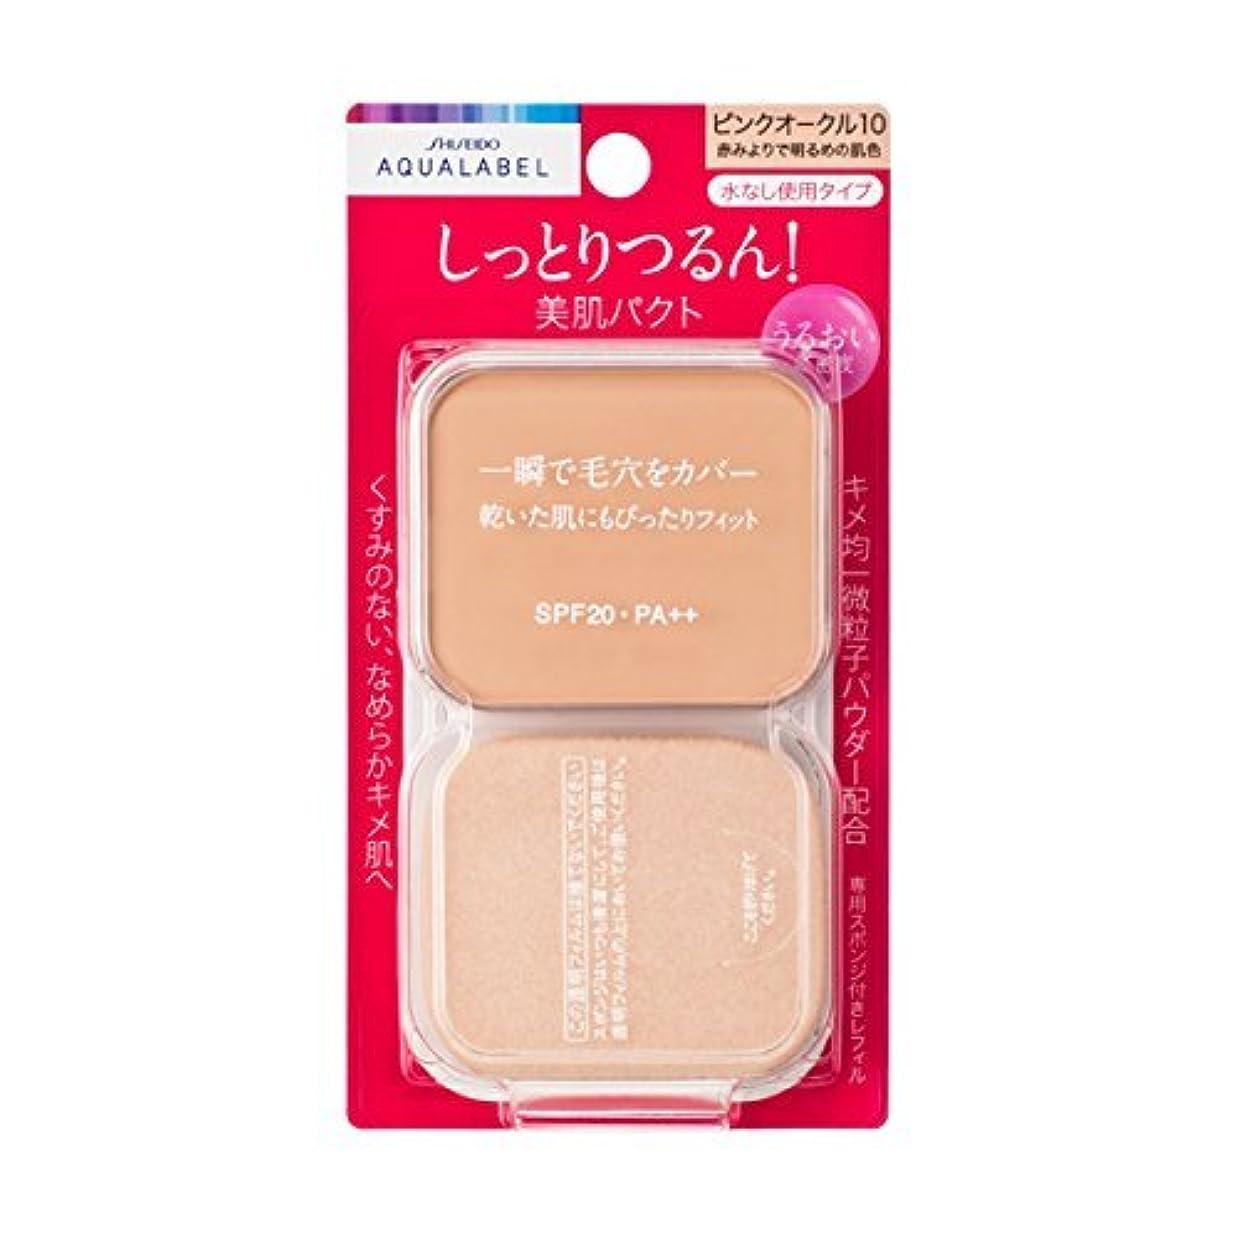 パン屋テープ意外アクアレーベル モイストパウダリー ピンクオークル10 (レフィル) 11.5g×6個